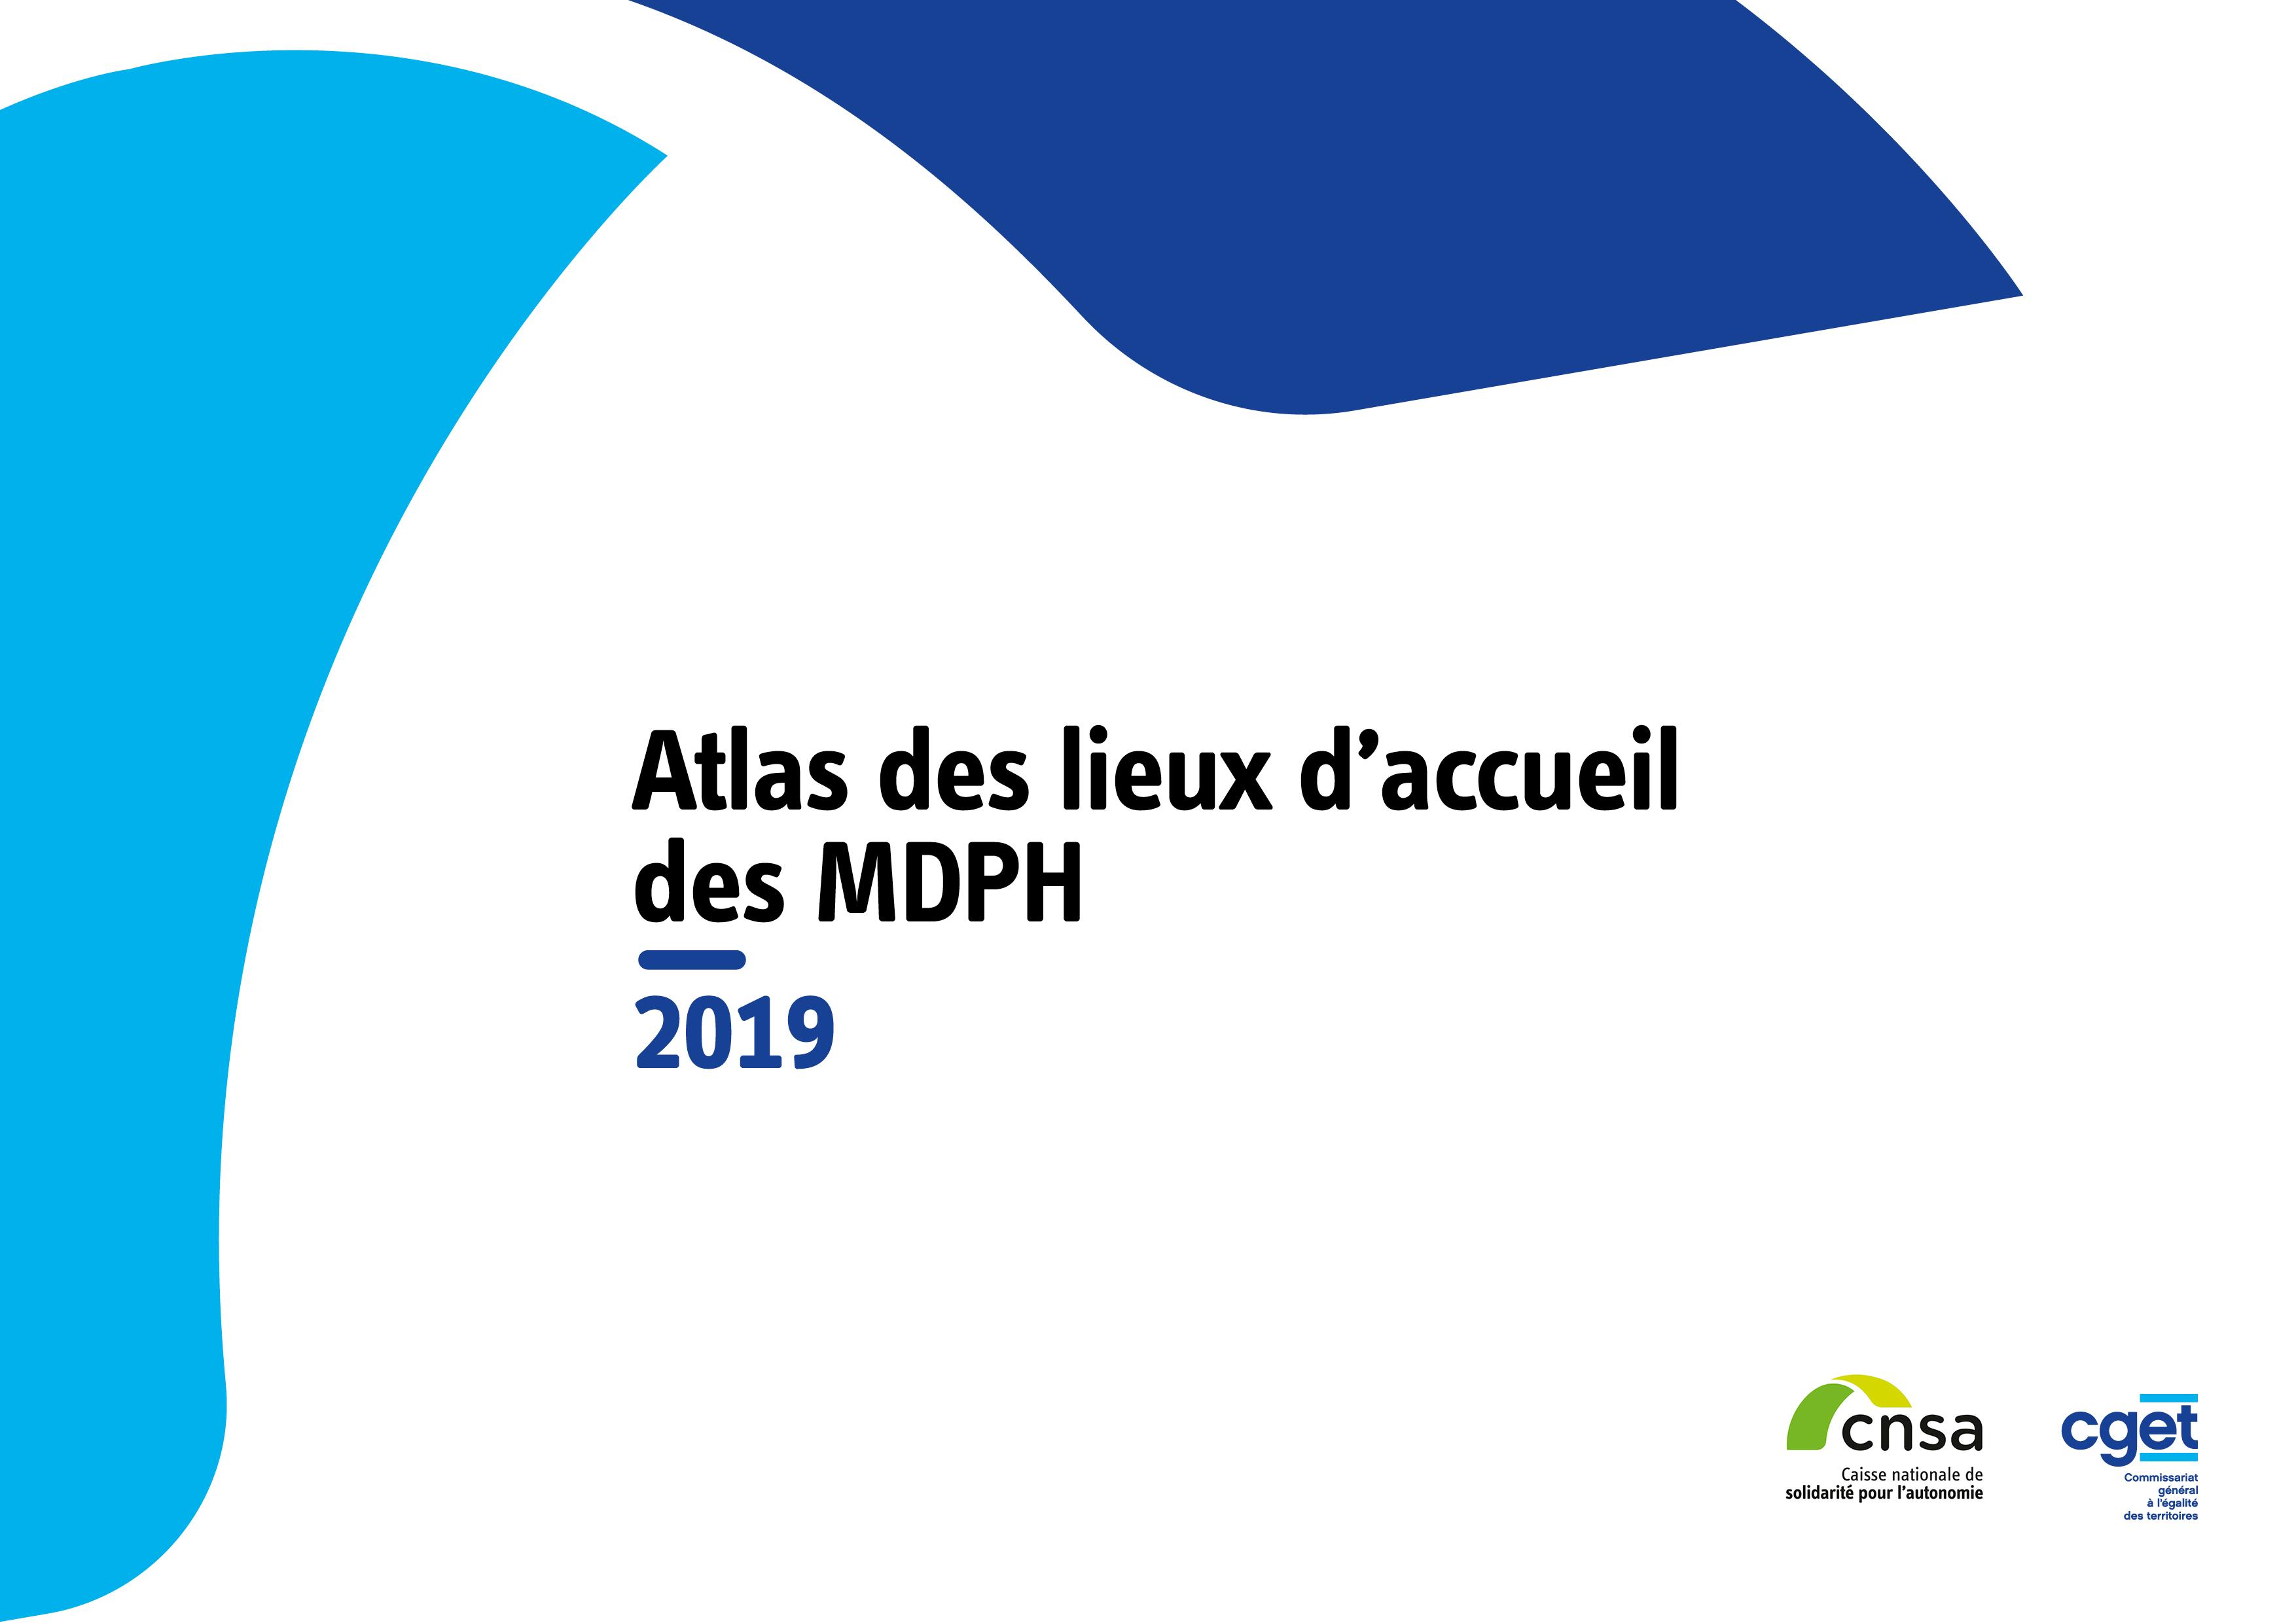 Atlas des lieux d'accueil des MDPH 2019 (ZIP, 14.66 Mo)